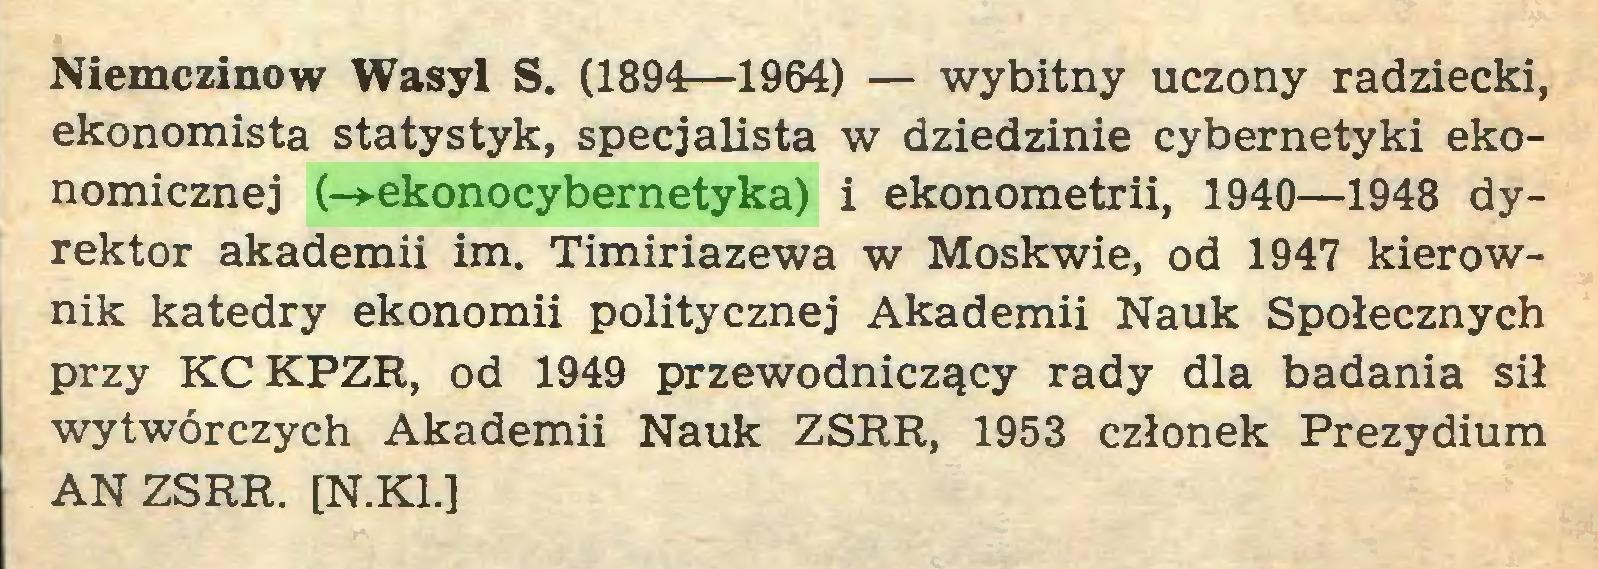 (...) Niemczinow Wasyl S. (1894—1964) — wybitny uczony radziecki, ekonomista statystyk, specjalista w dziedzinie cybernetyki ekonomicznej (-»-ekonocybernetyka) i ekonometrii, 1940—1948 dyrektor akademii im. Timiriazewa w Moskwie, od 1947 kierownik katedry ekonomii politycznej Akademii Nauk Społecznych przy KCKPZR, od 1949 przewodniczący rady dla badania sił wytwórczych Akademii Nauk ZSRR, 1953 członek Prezydium AN ZSRR. [N.K1.]...